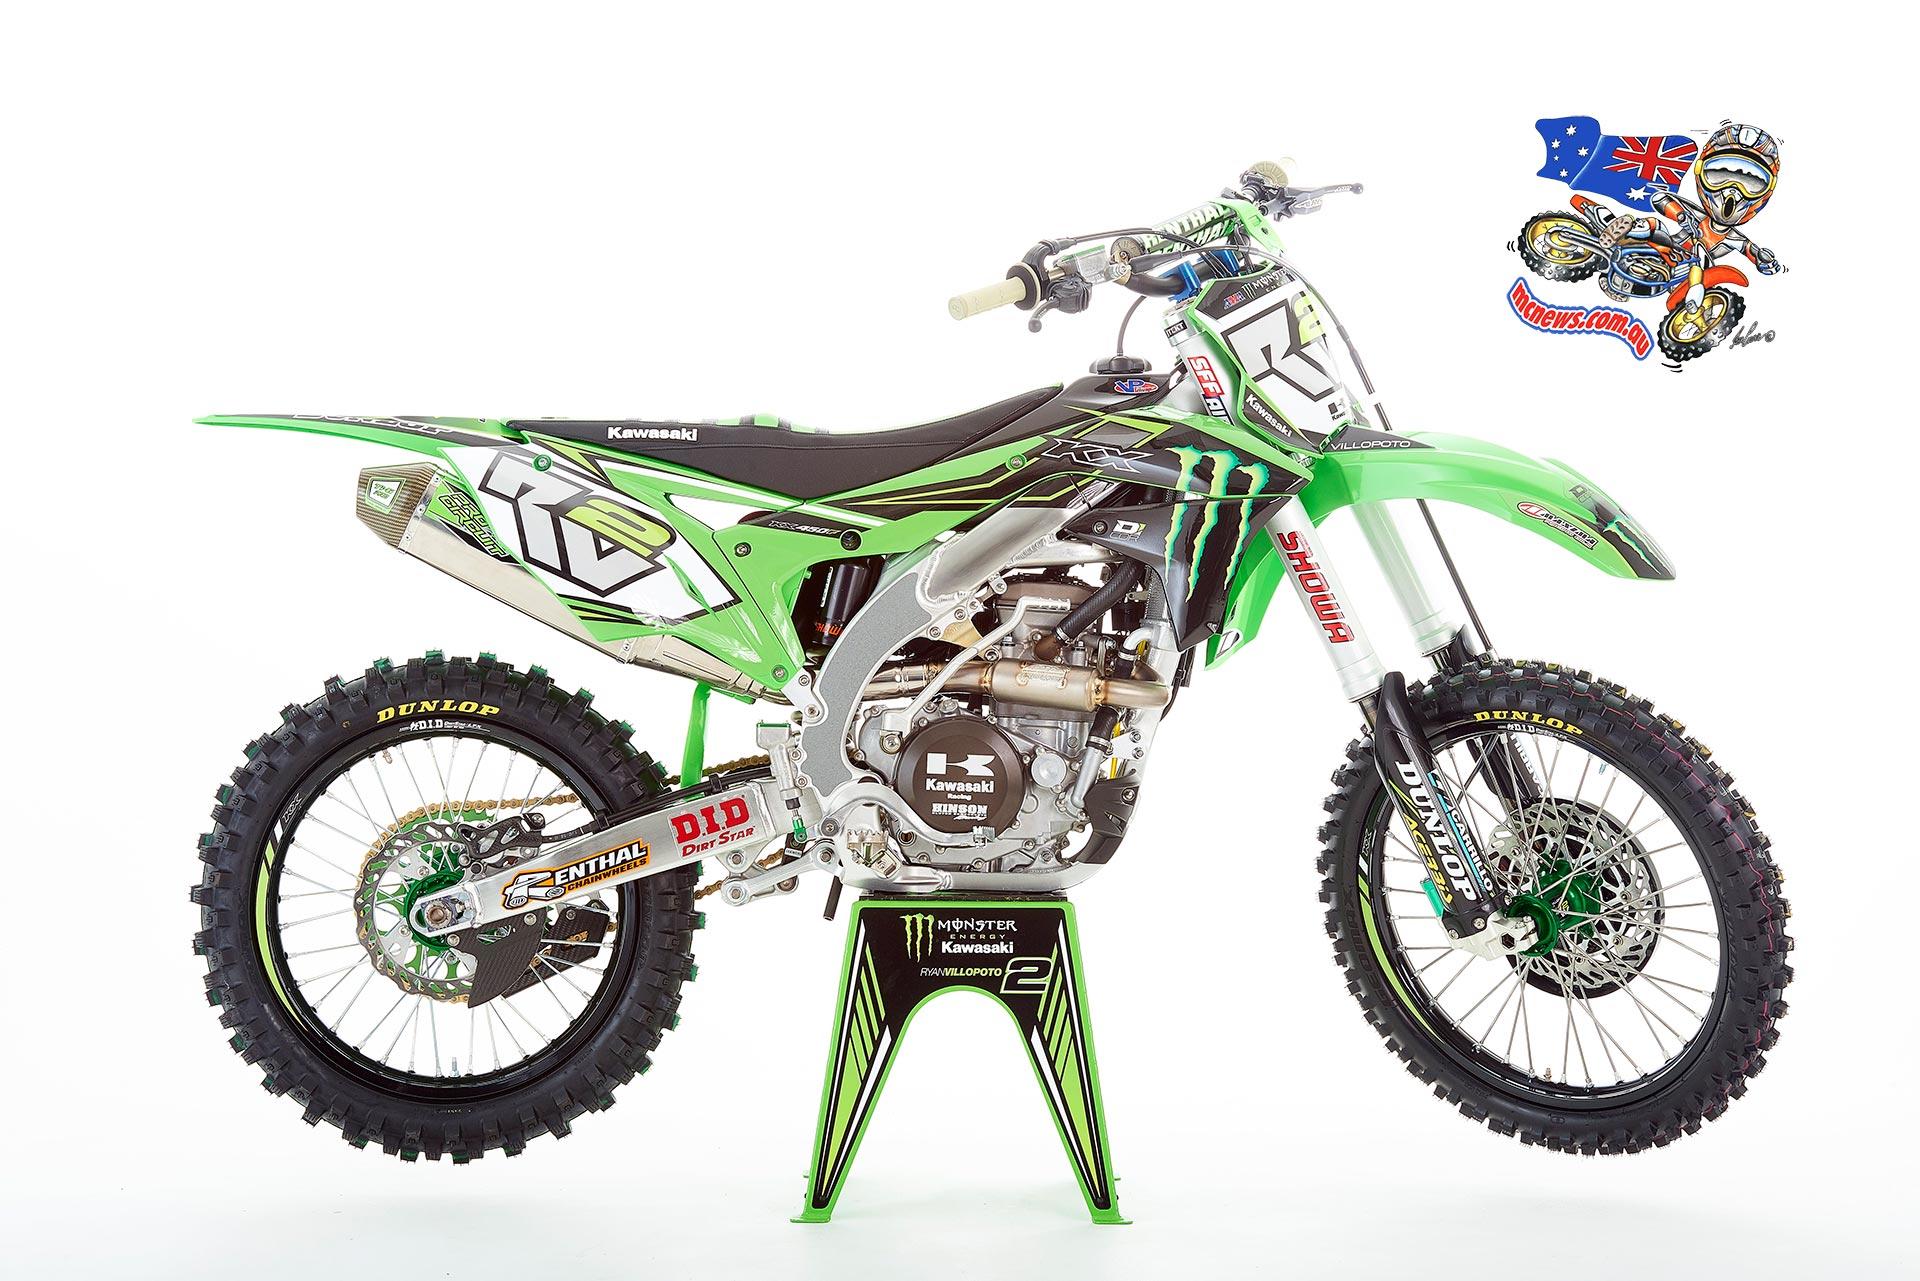 2016 Kawasaki KX450F - Ryan Villopoto